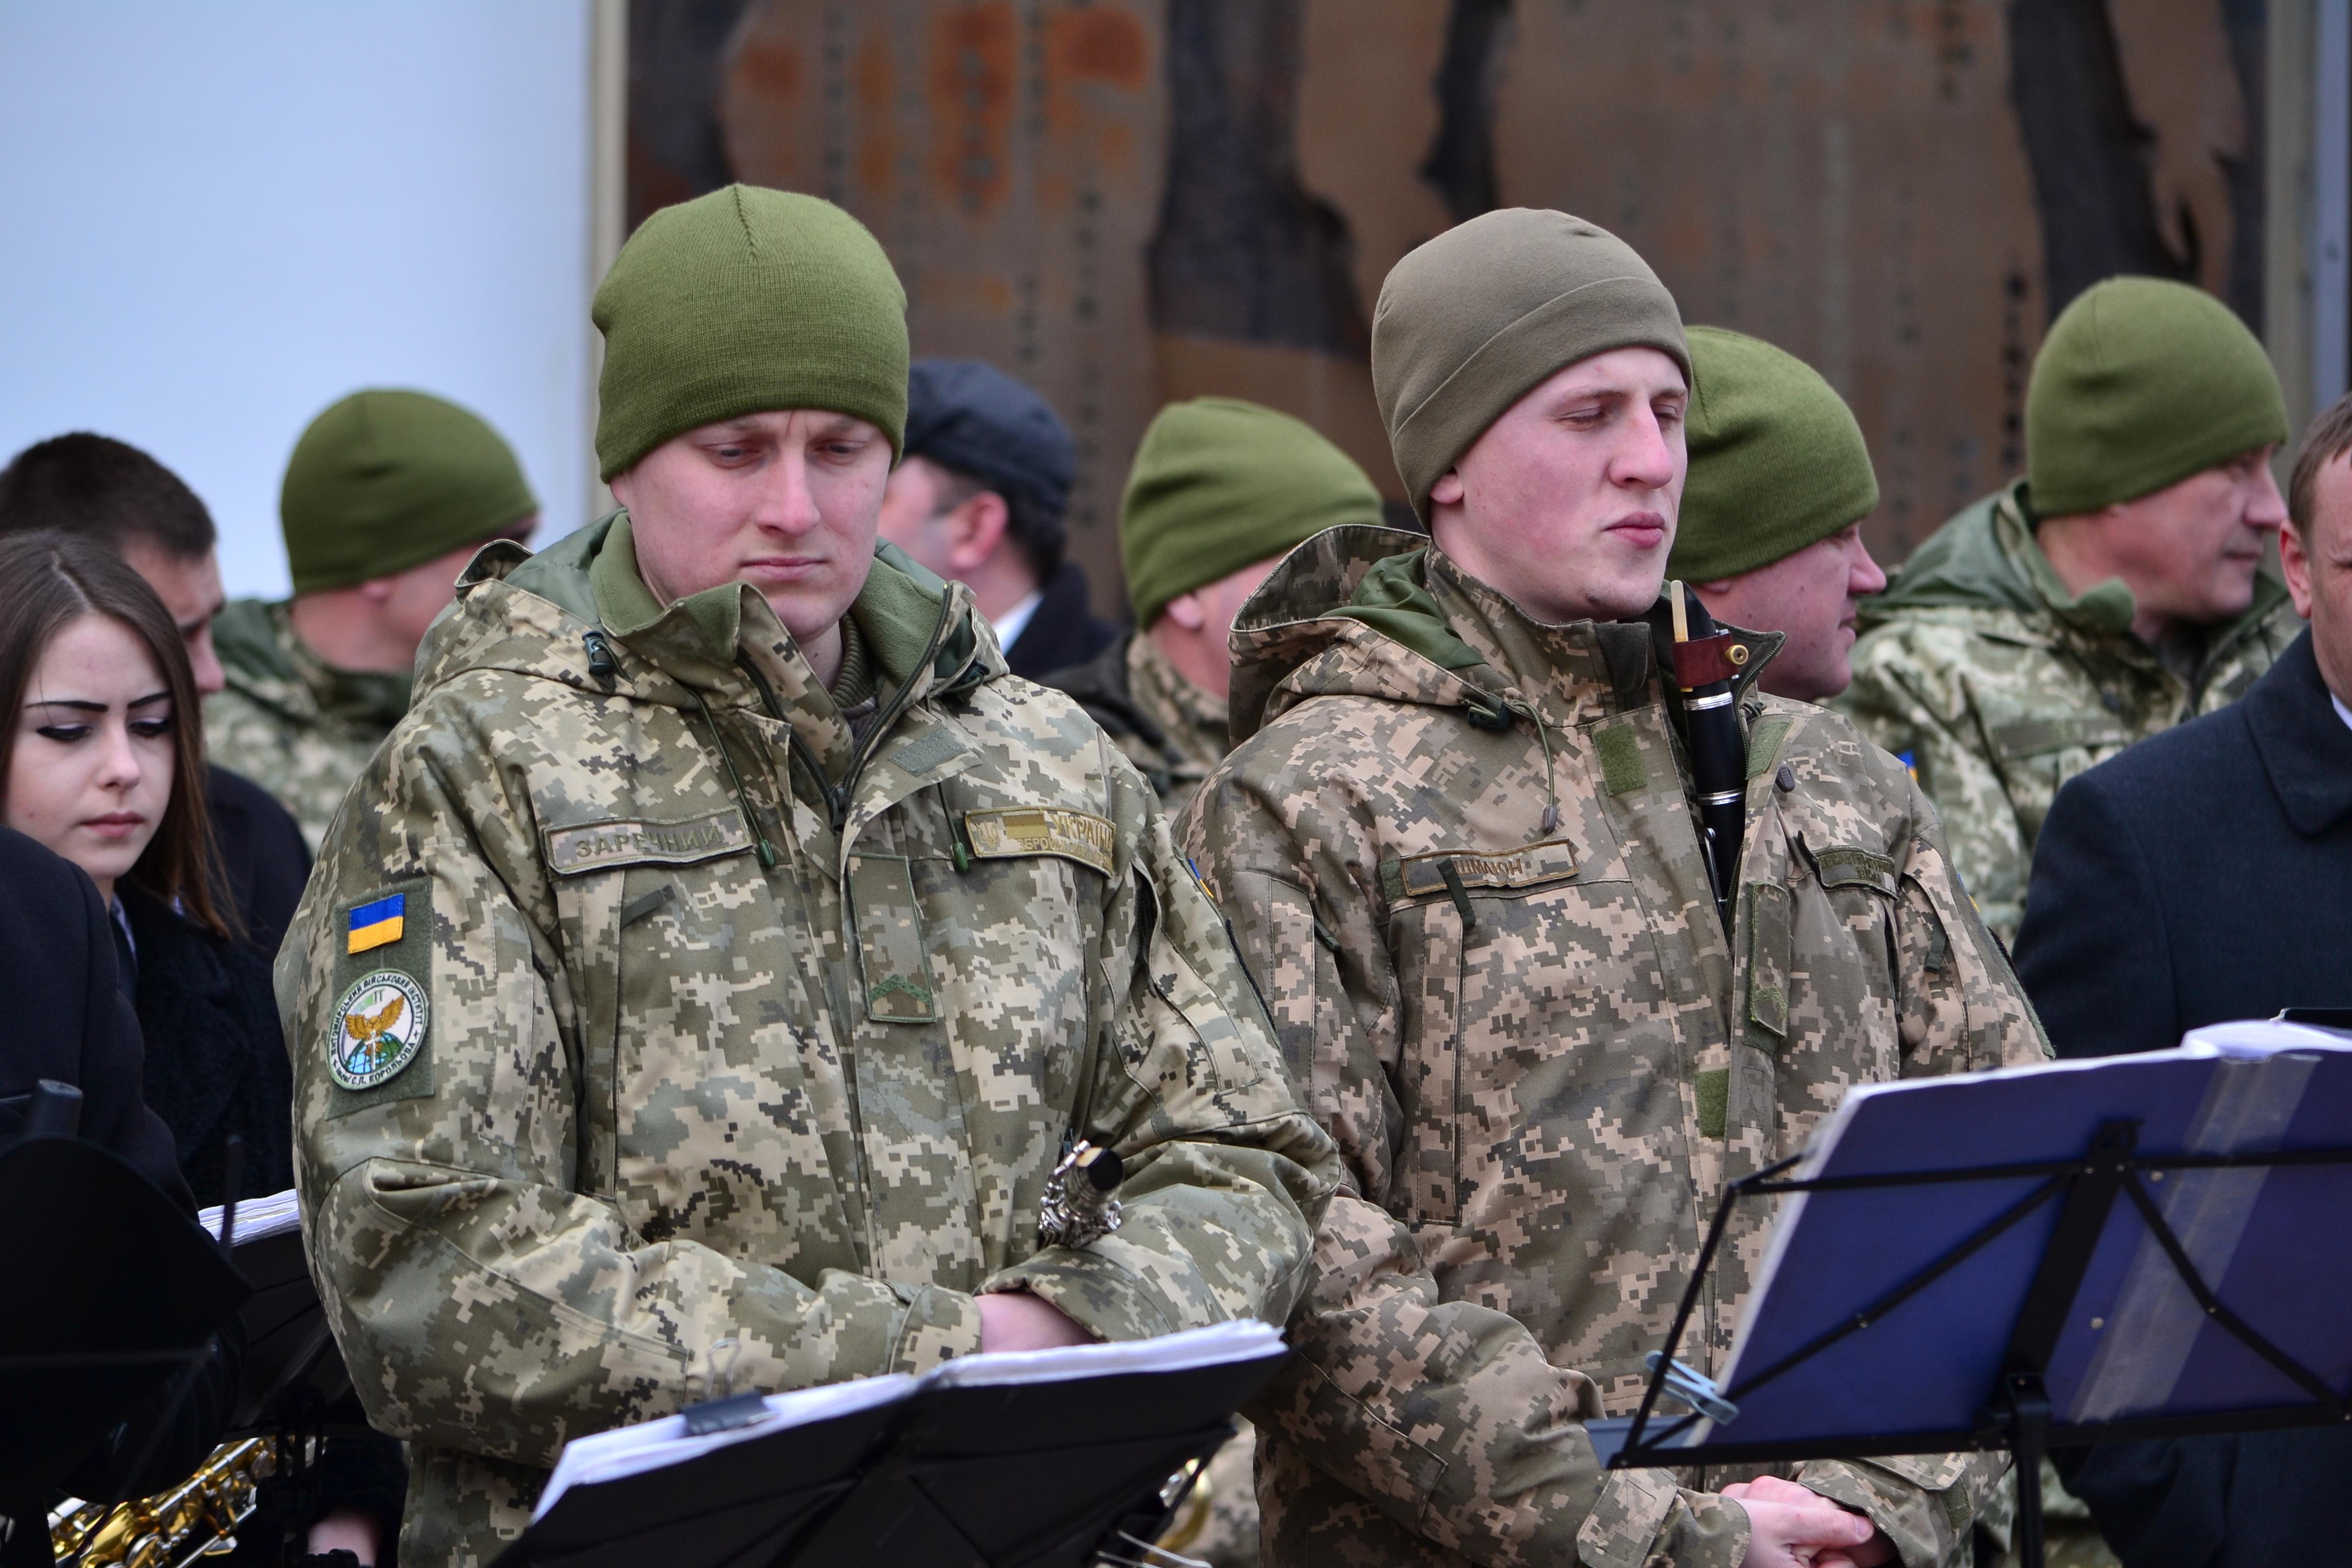 DSC 0799 - Ці воїни наповнюють наші серця: в Житомирі відзначили День українського добровольця (ФОТО)